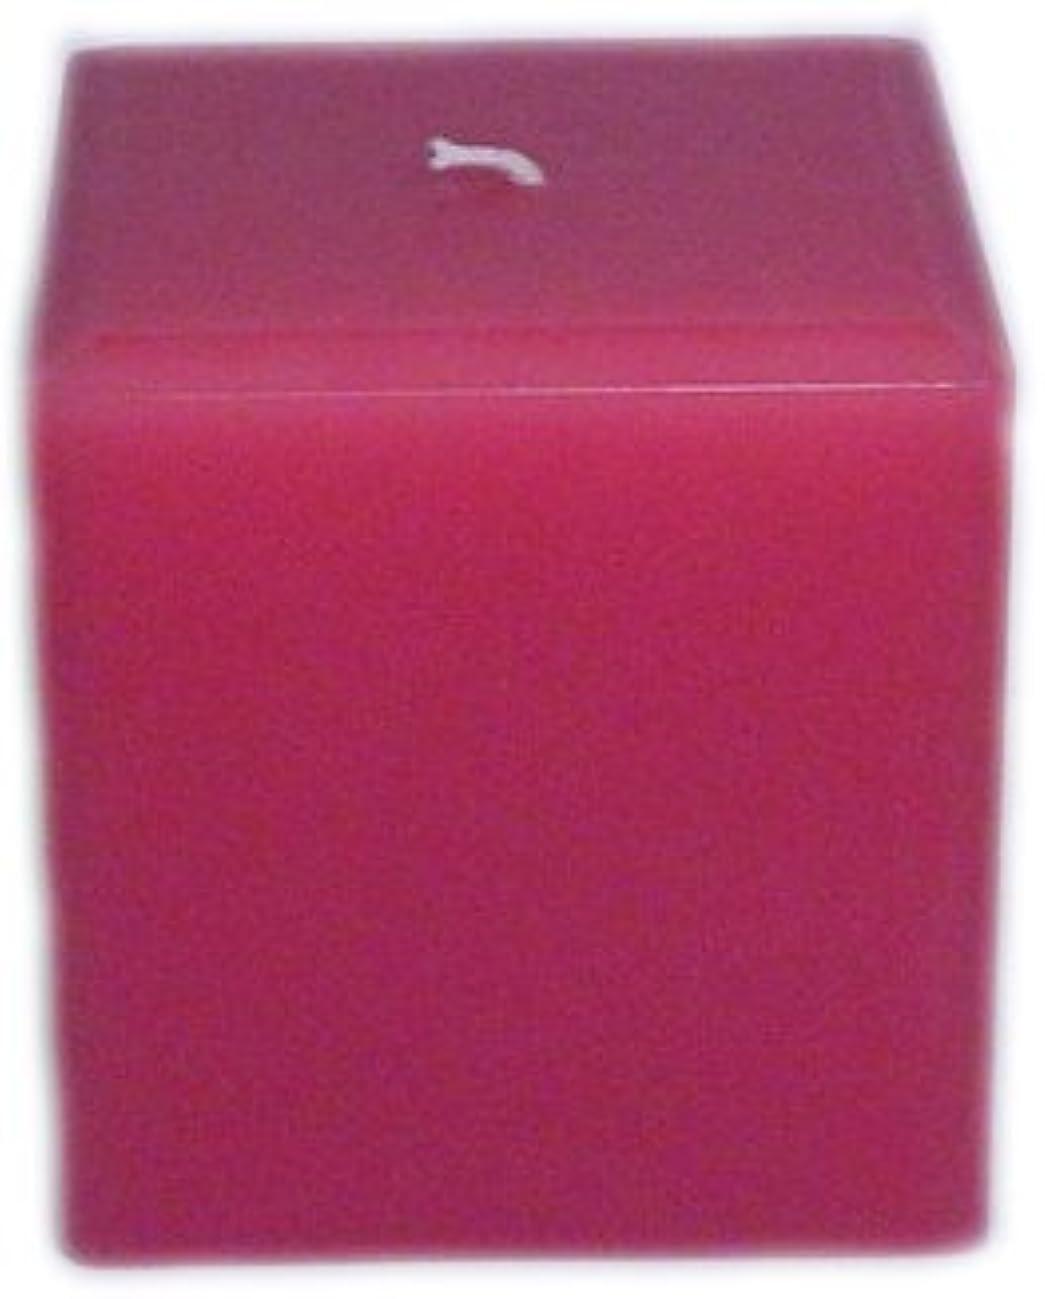 累積暖炉忠実にTrinity Candle工場 – ユーカリ – Pillar Candle – 正方形 – 4 x 4